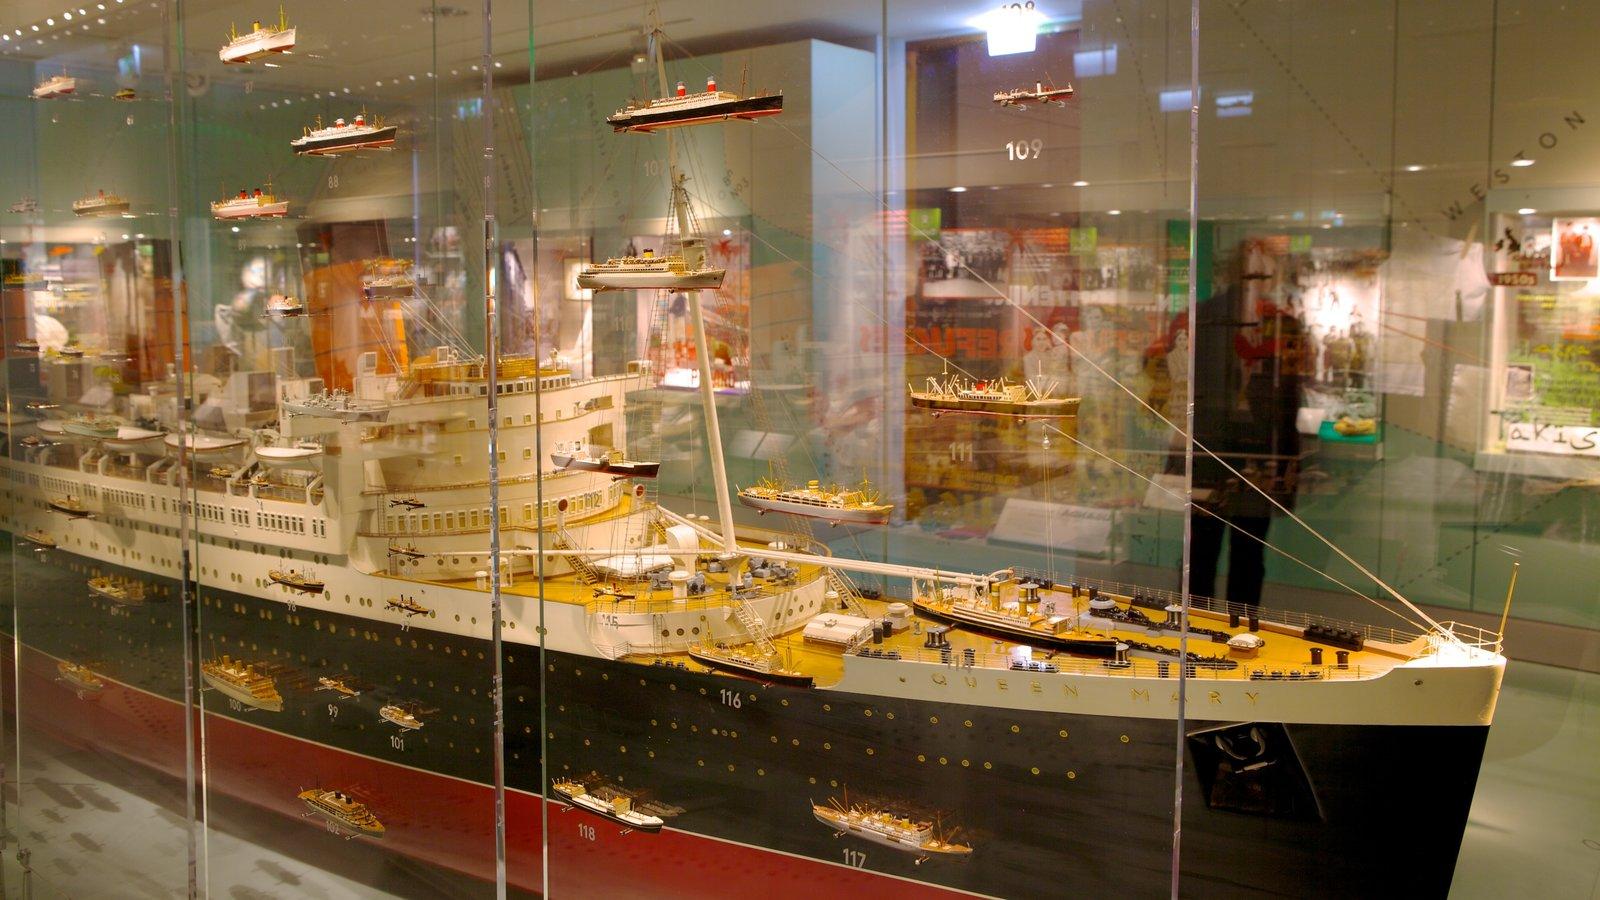 Museo SeaCity ofreciendo vistas interiores